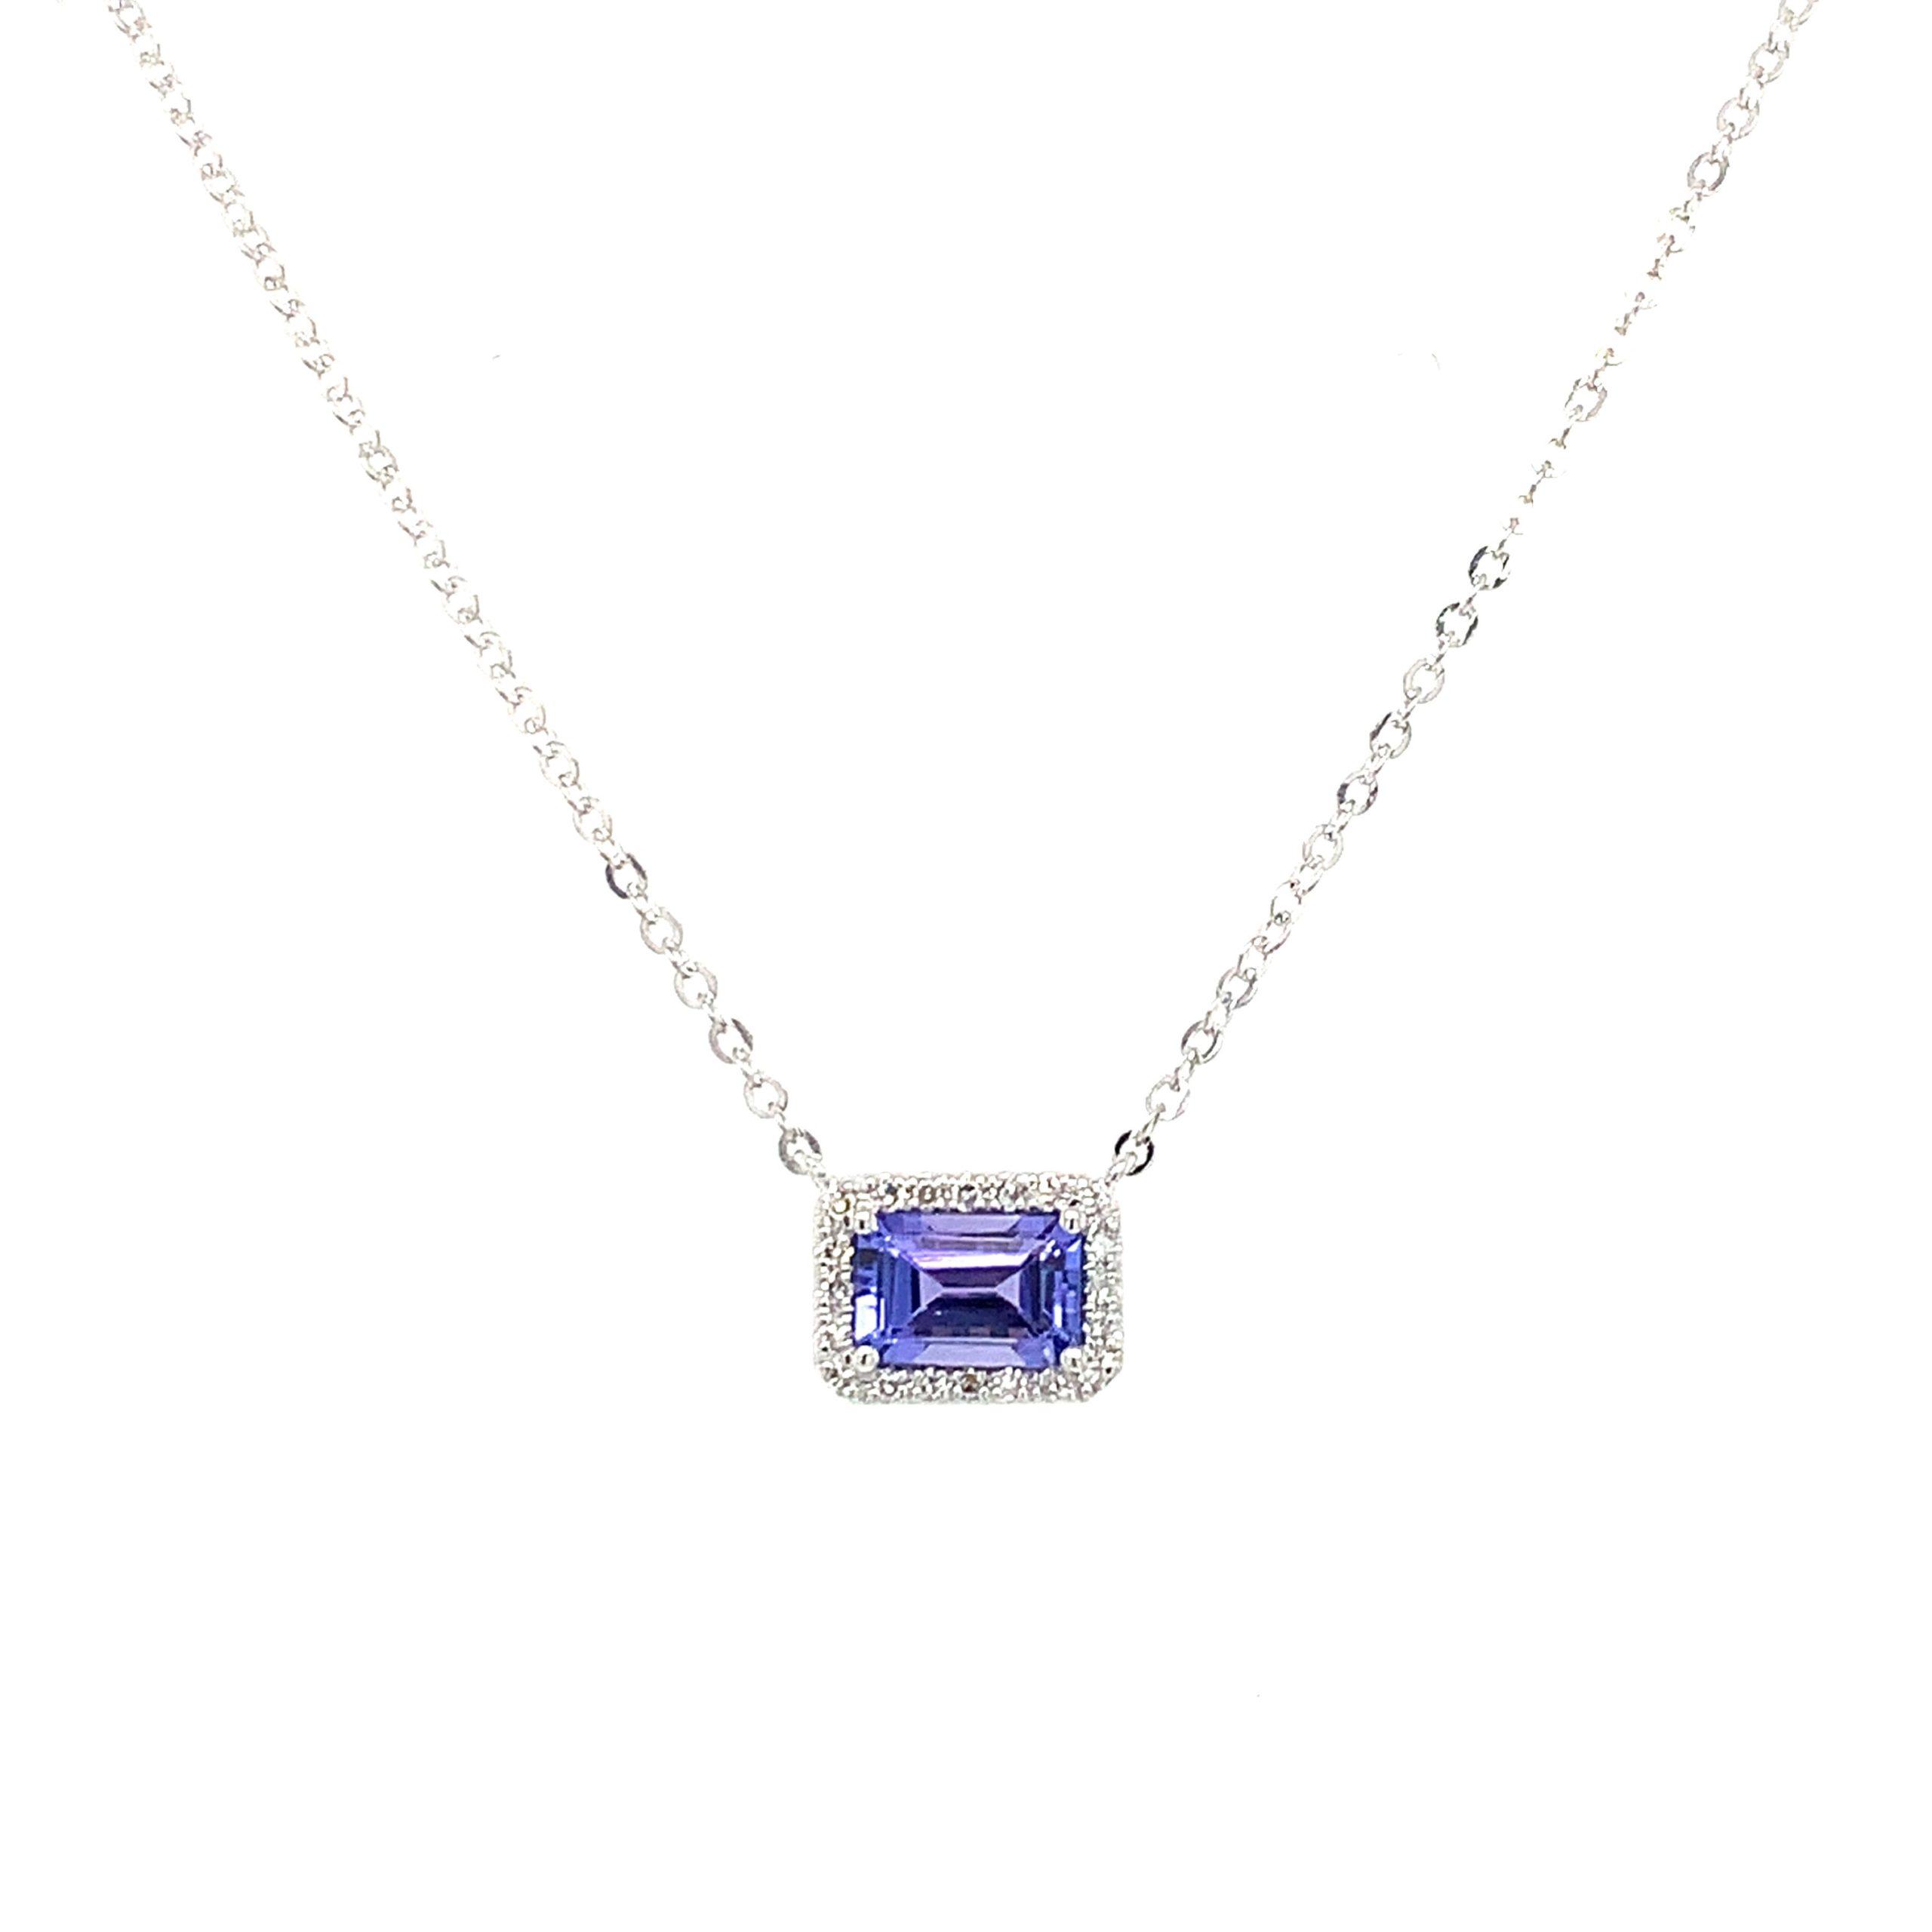 White Gold Tanzanite Pendant Necklace